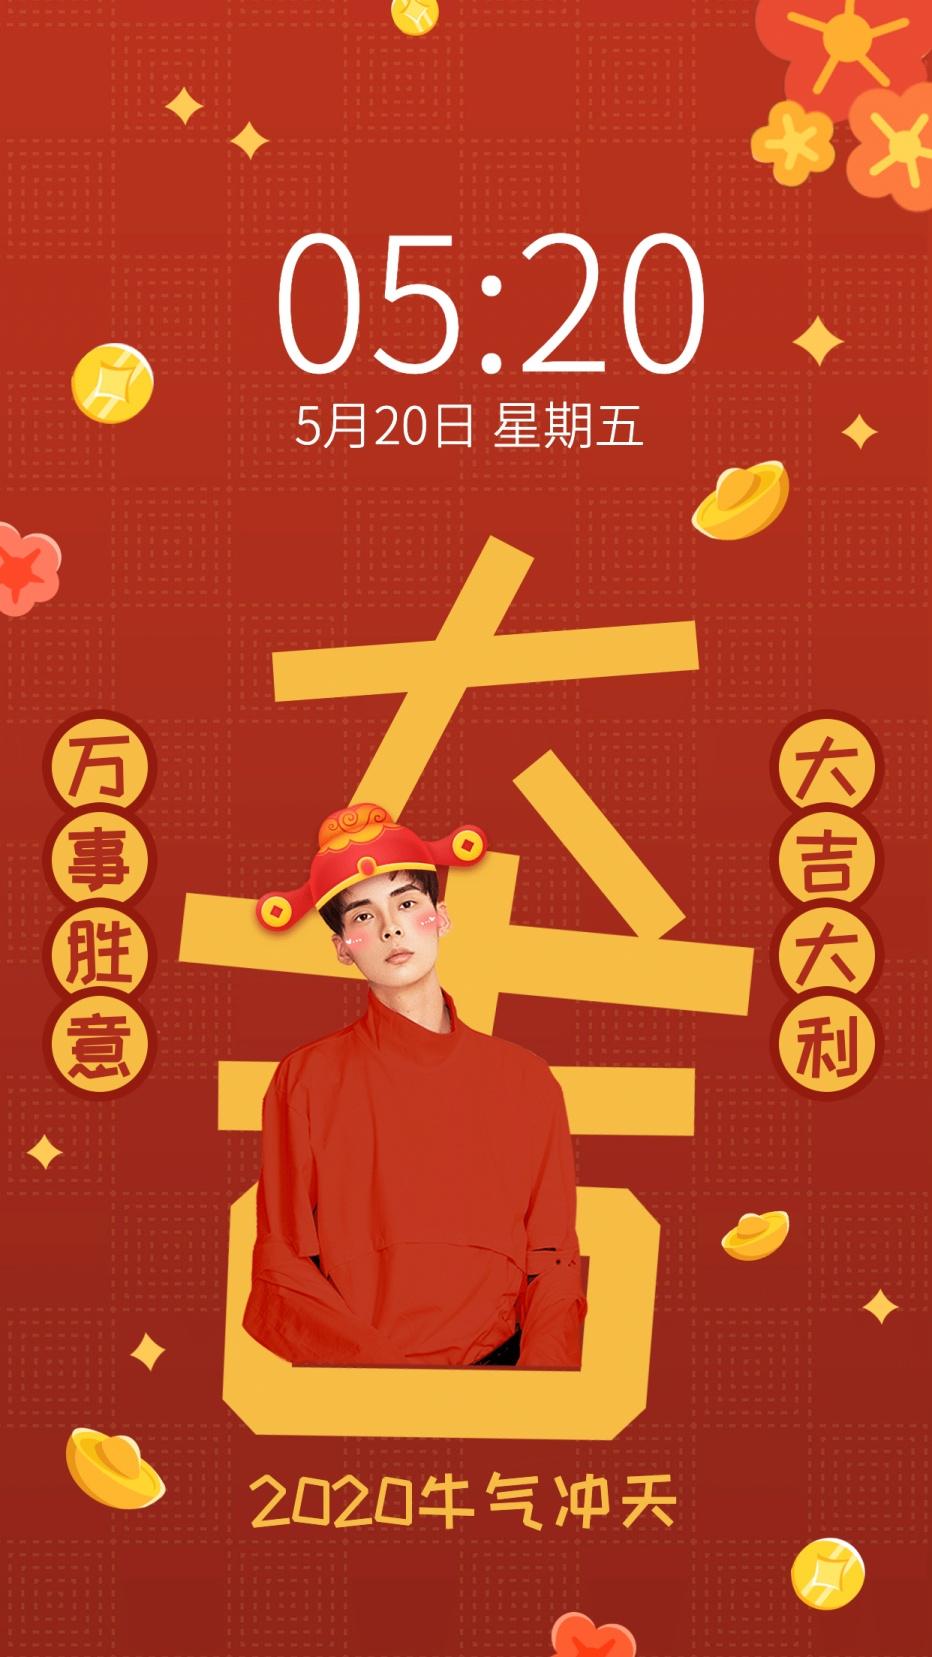 新年春节喜庆元宝手机壁纸明星应援